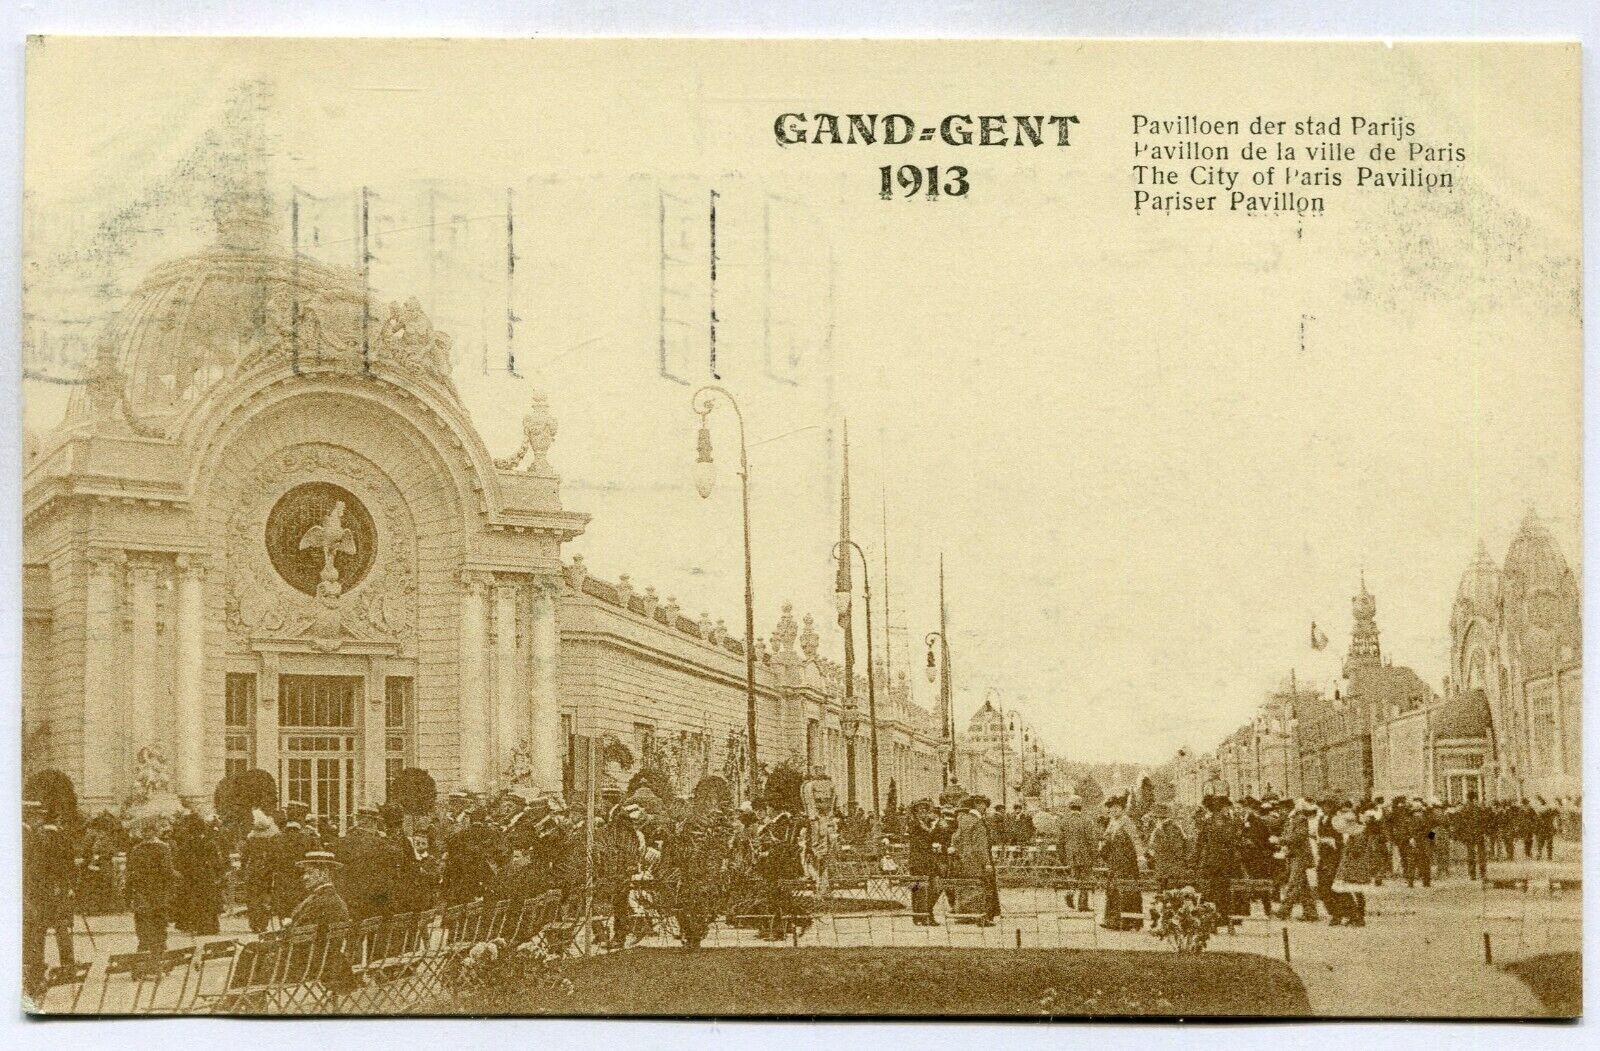 CPA - Carte Postale - Belgique - Exposition Universelle de Gand 1913 - Pavillon